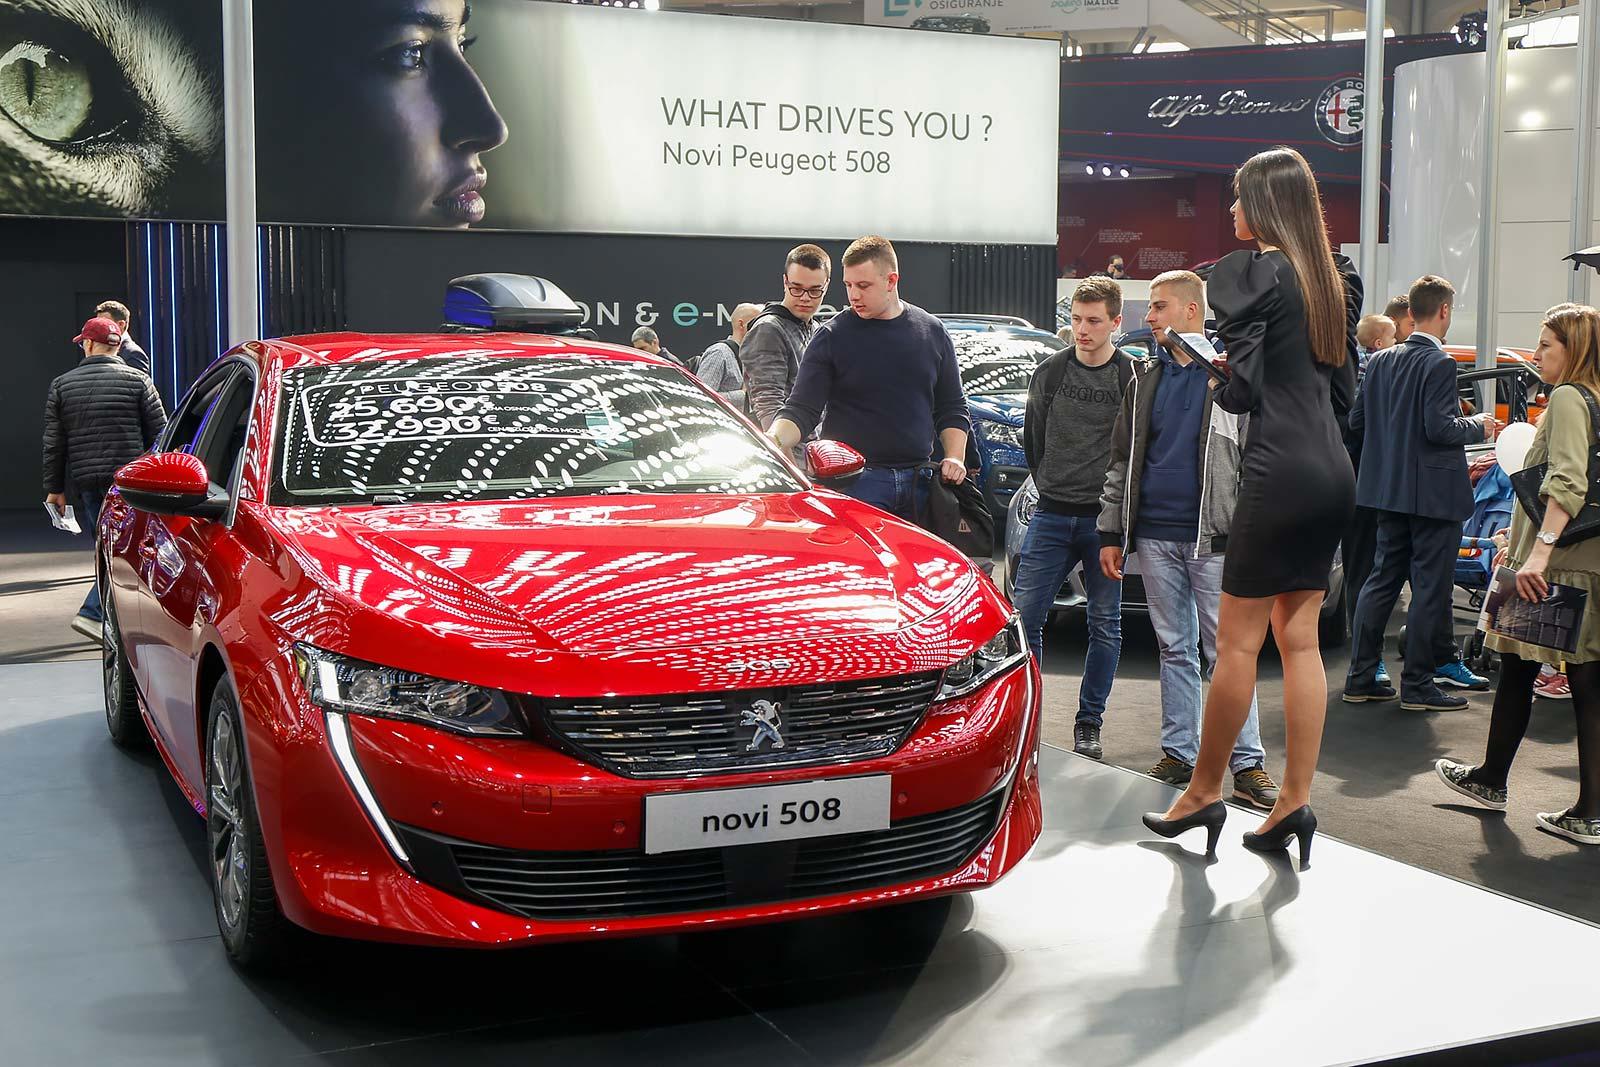 Peugeot 508 - automobil godine za 2019. godinu, u izboru Asocijacije automobilskih novinara Srbije